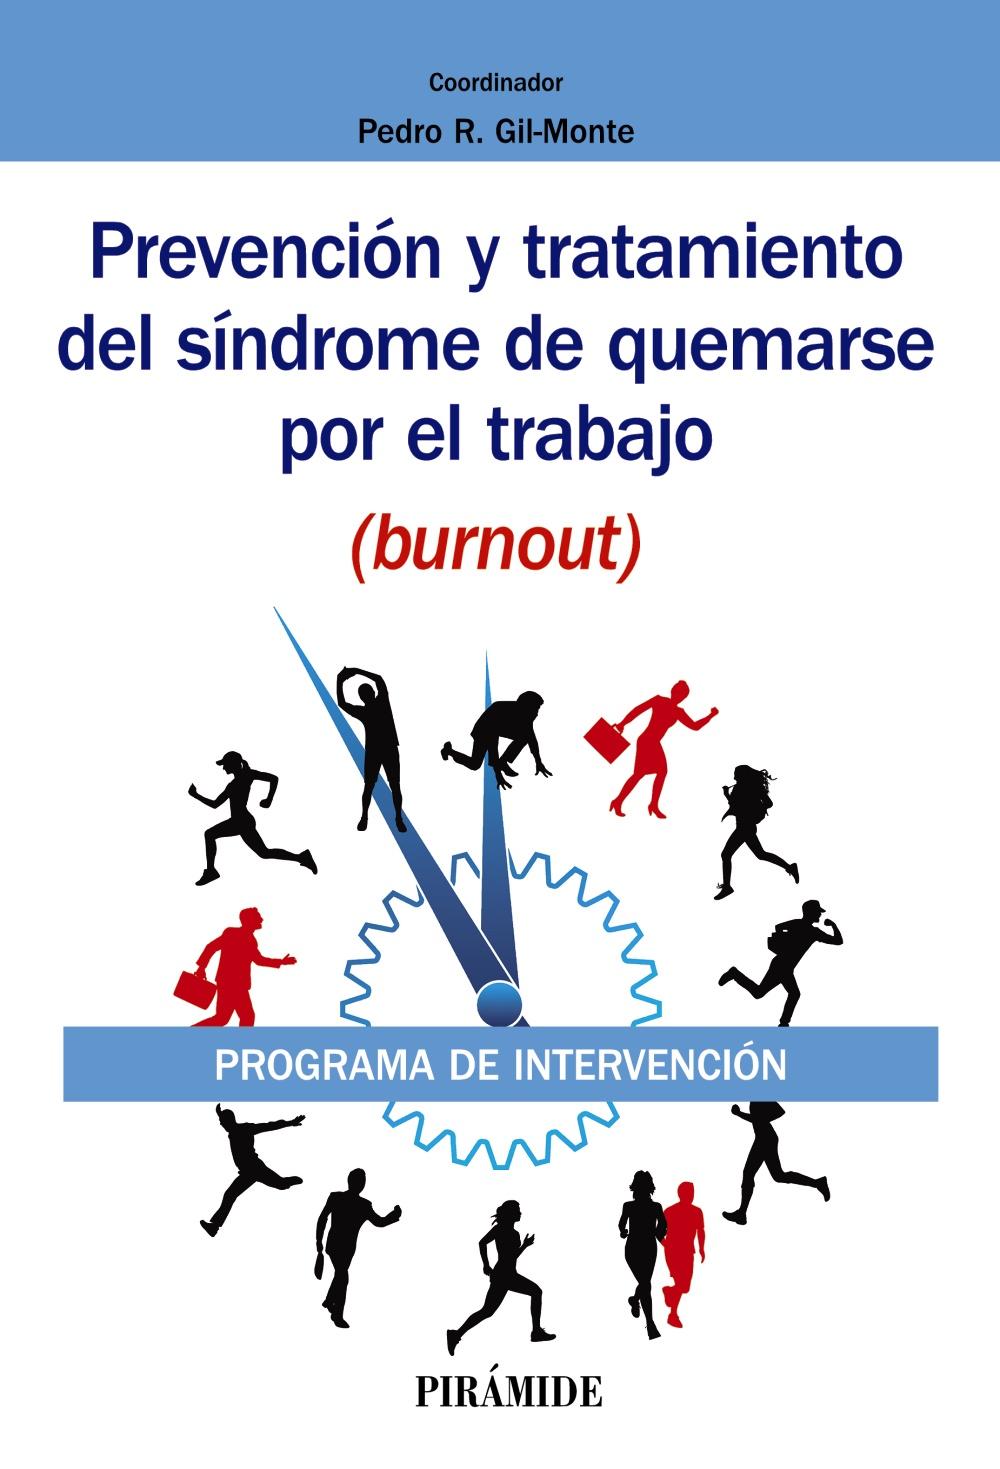 Prevención y tratamiento del síndrome de quemarse por el trabajo (burnout)